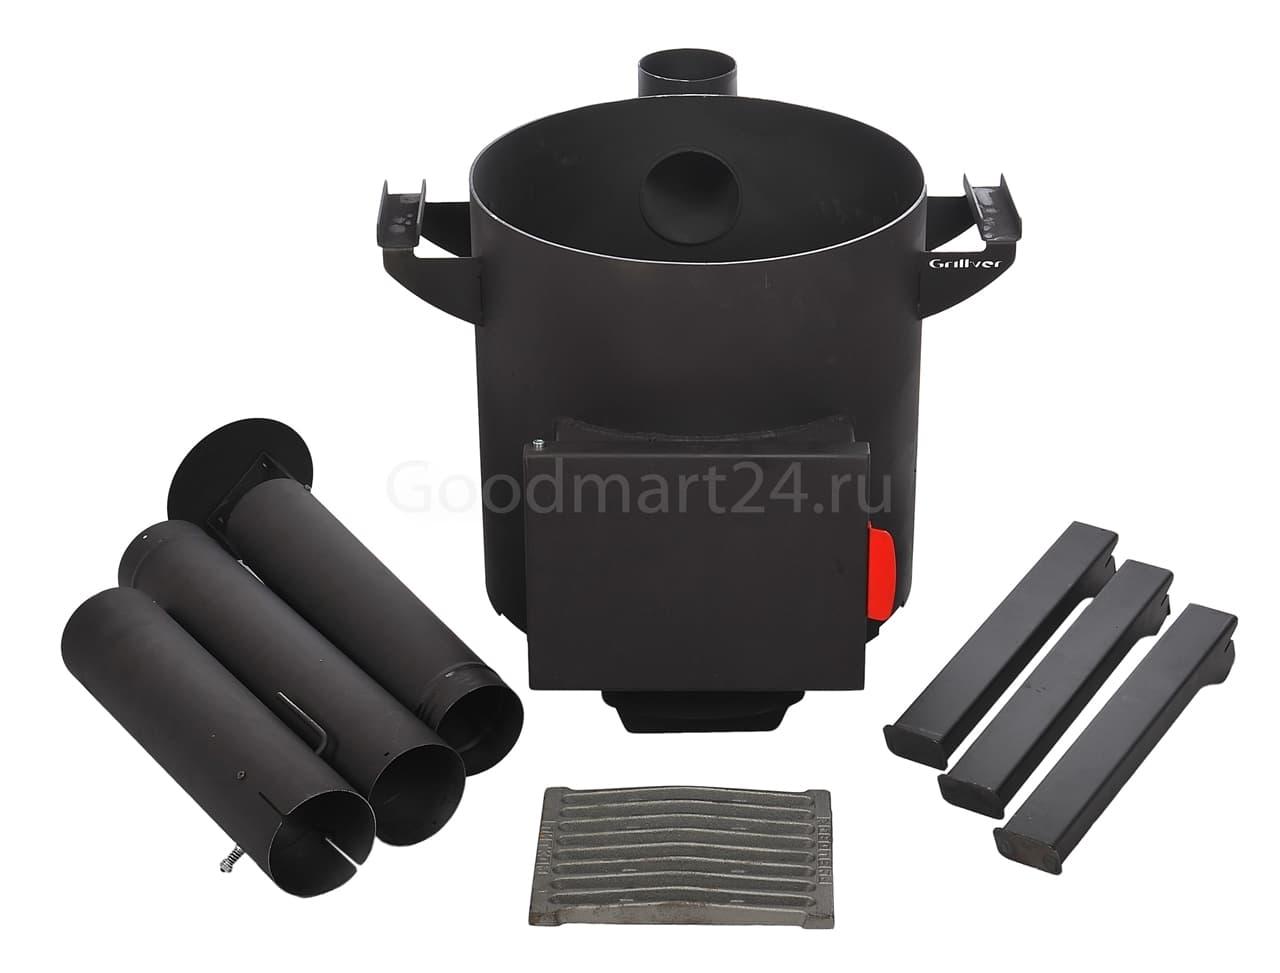 Узбекский чугунный казан 12 литров + печь c трубой, поддувалом Grillver 3 мм. - фото 7177